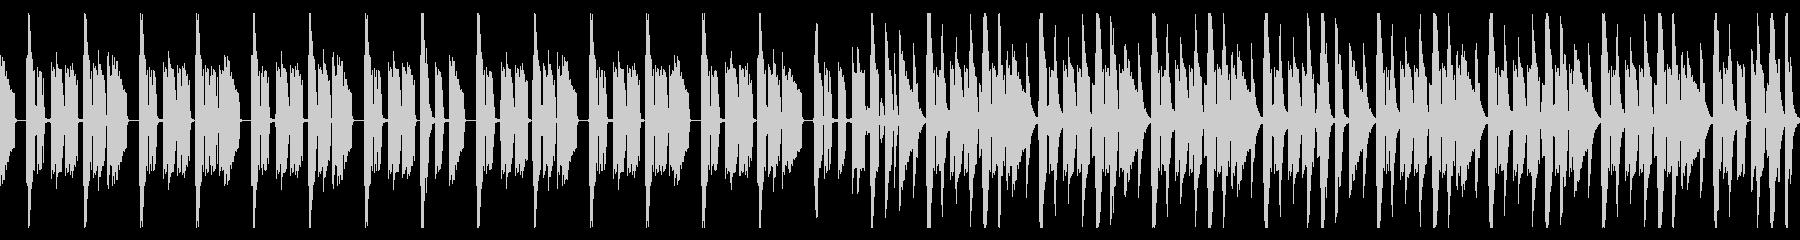 ドラムとベースのシンプルなBGMの未再生の波形